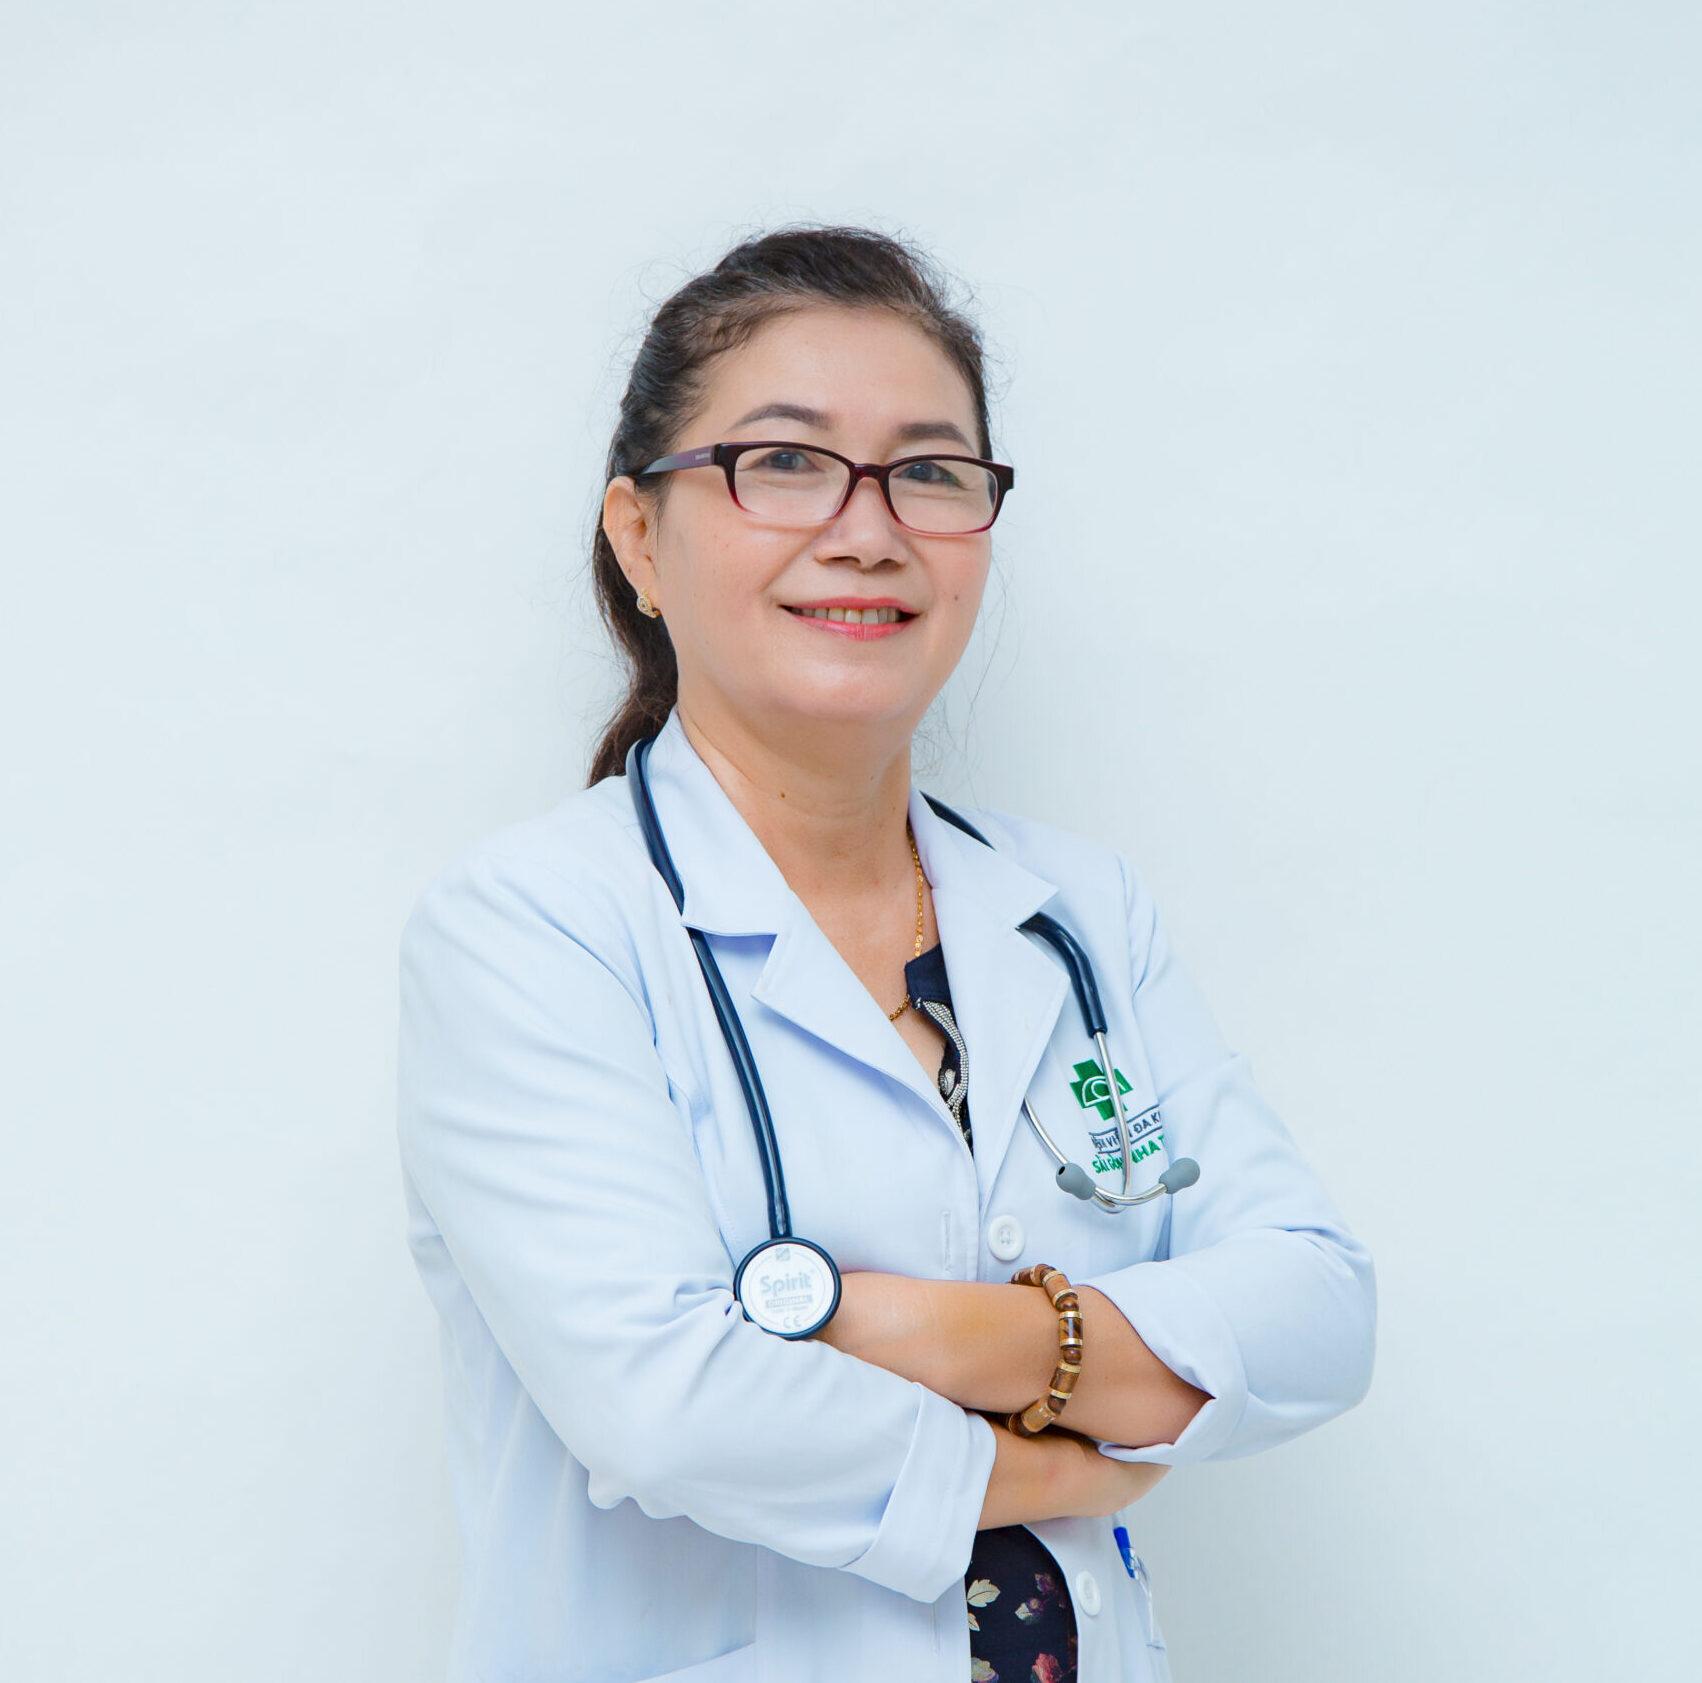 BS CKI Nguyễn Thị Ngọc Hiệp